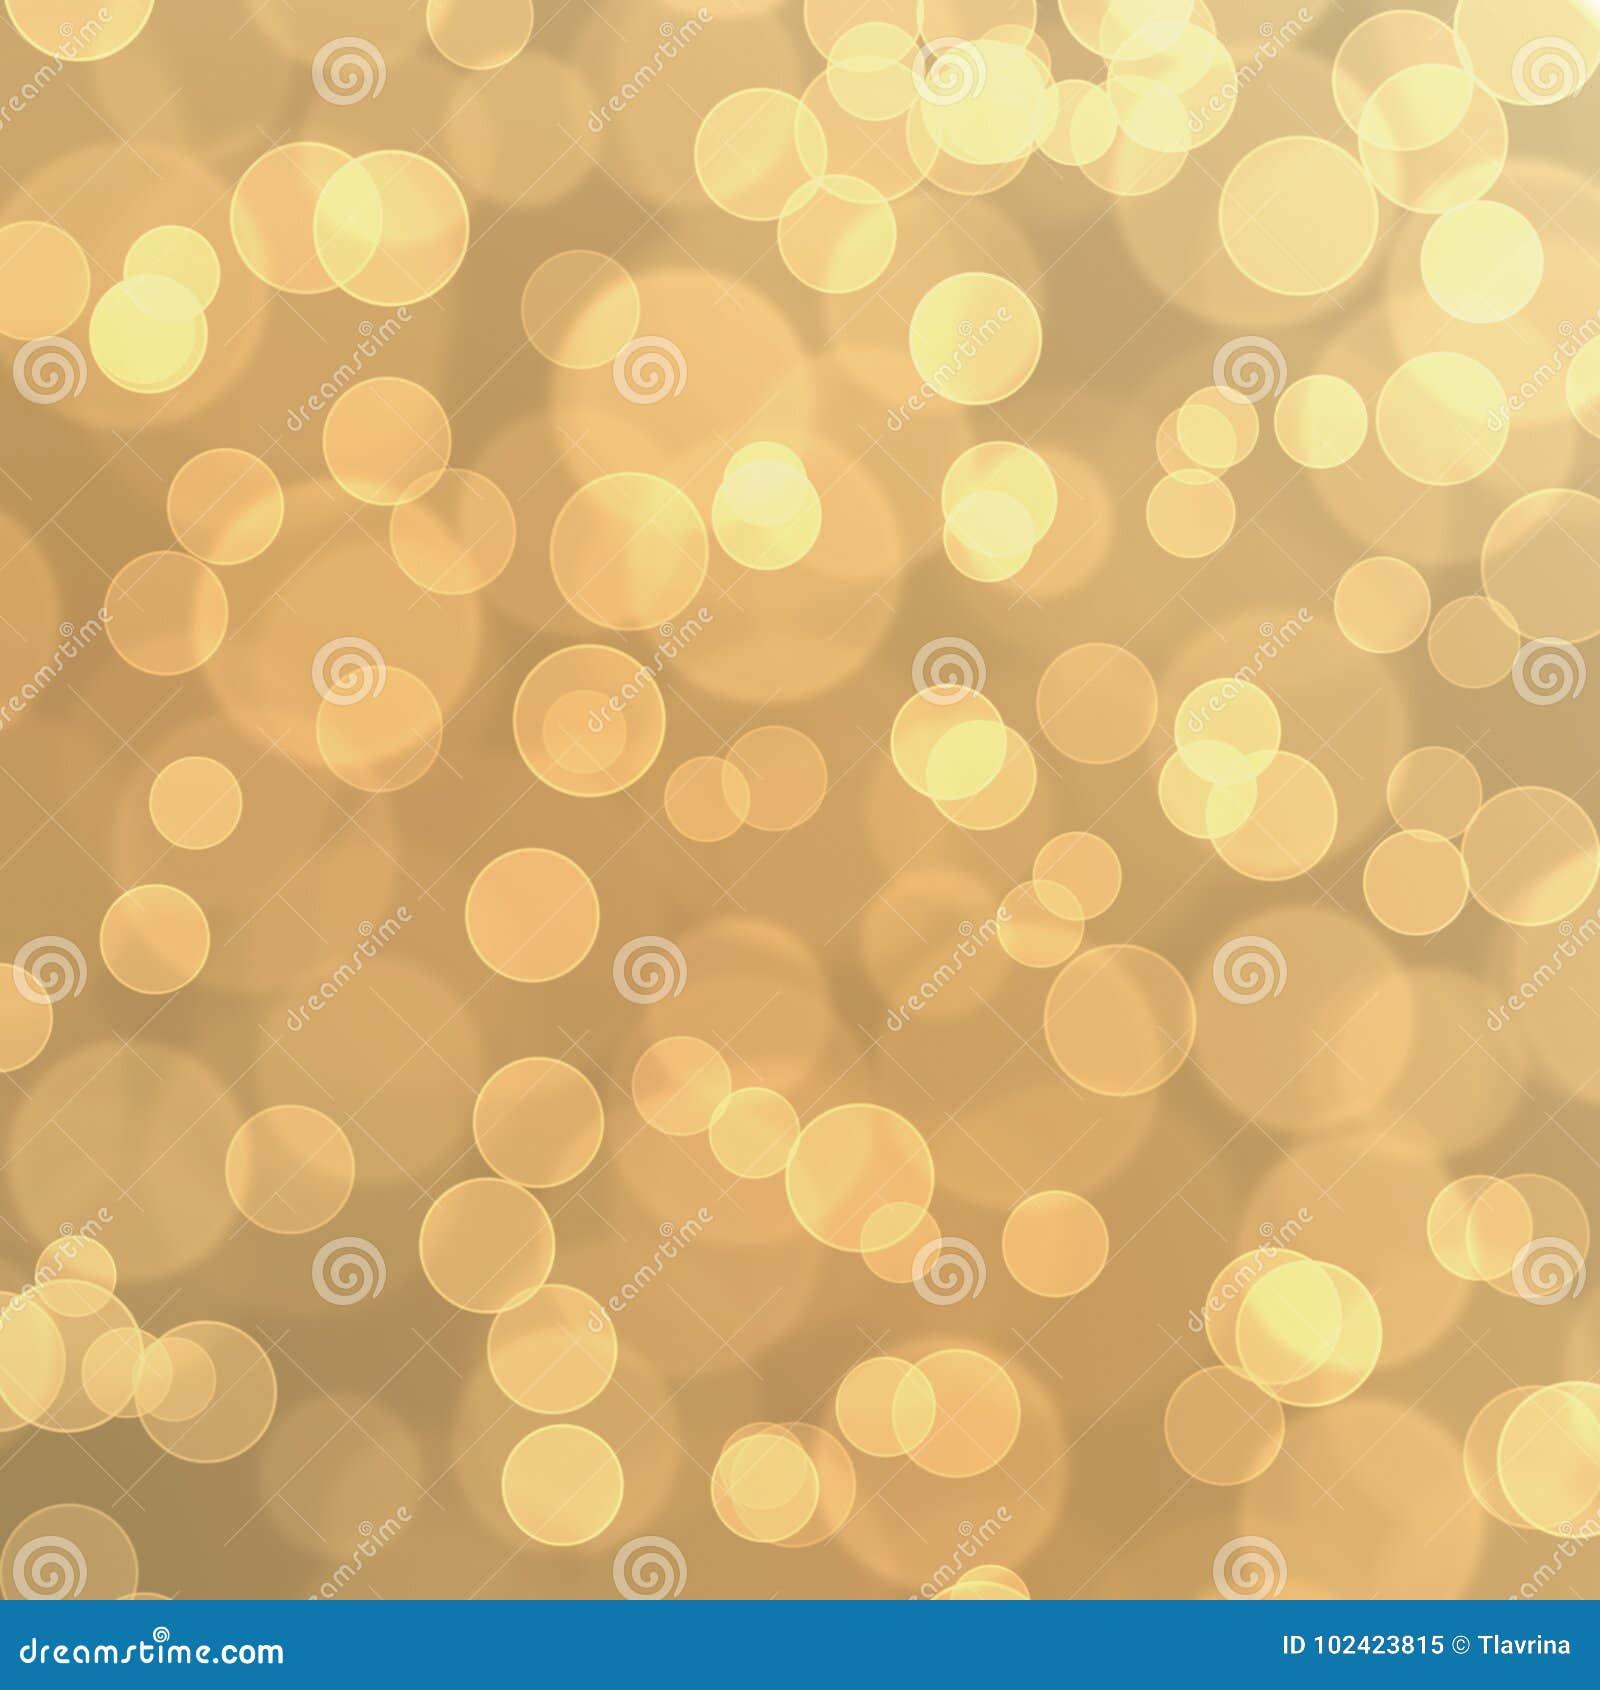 Gold Golden Yellow Circle Bokeh Glitter Balloon Abstract Wallpaper Texture Background